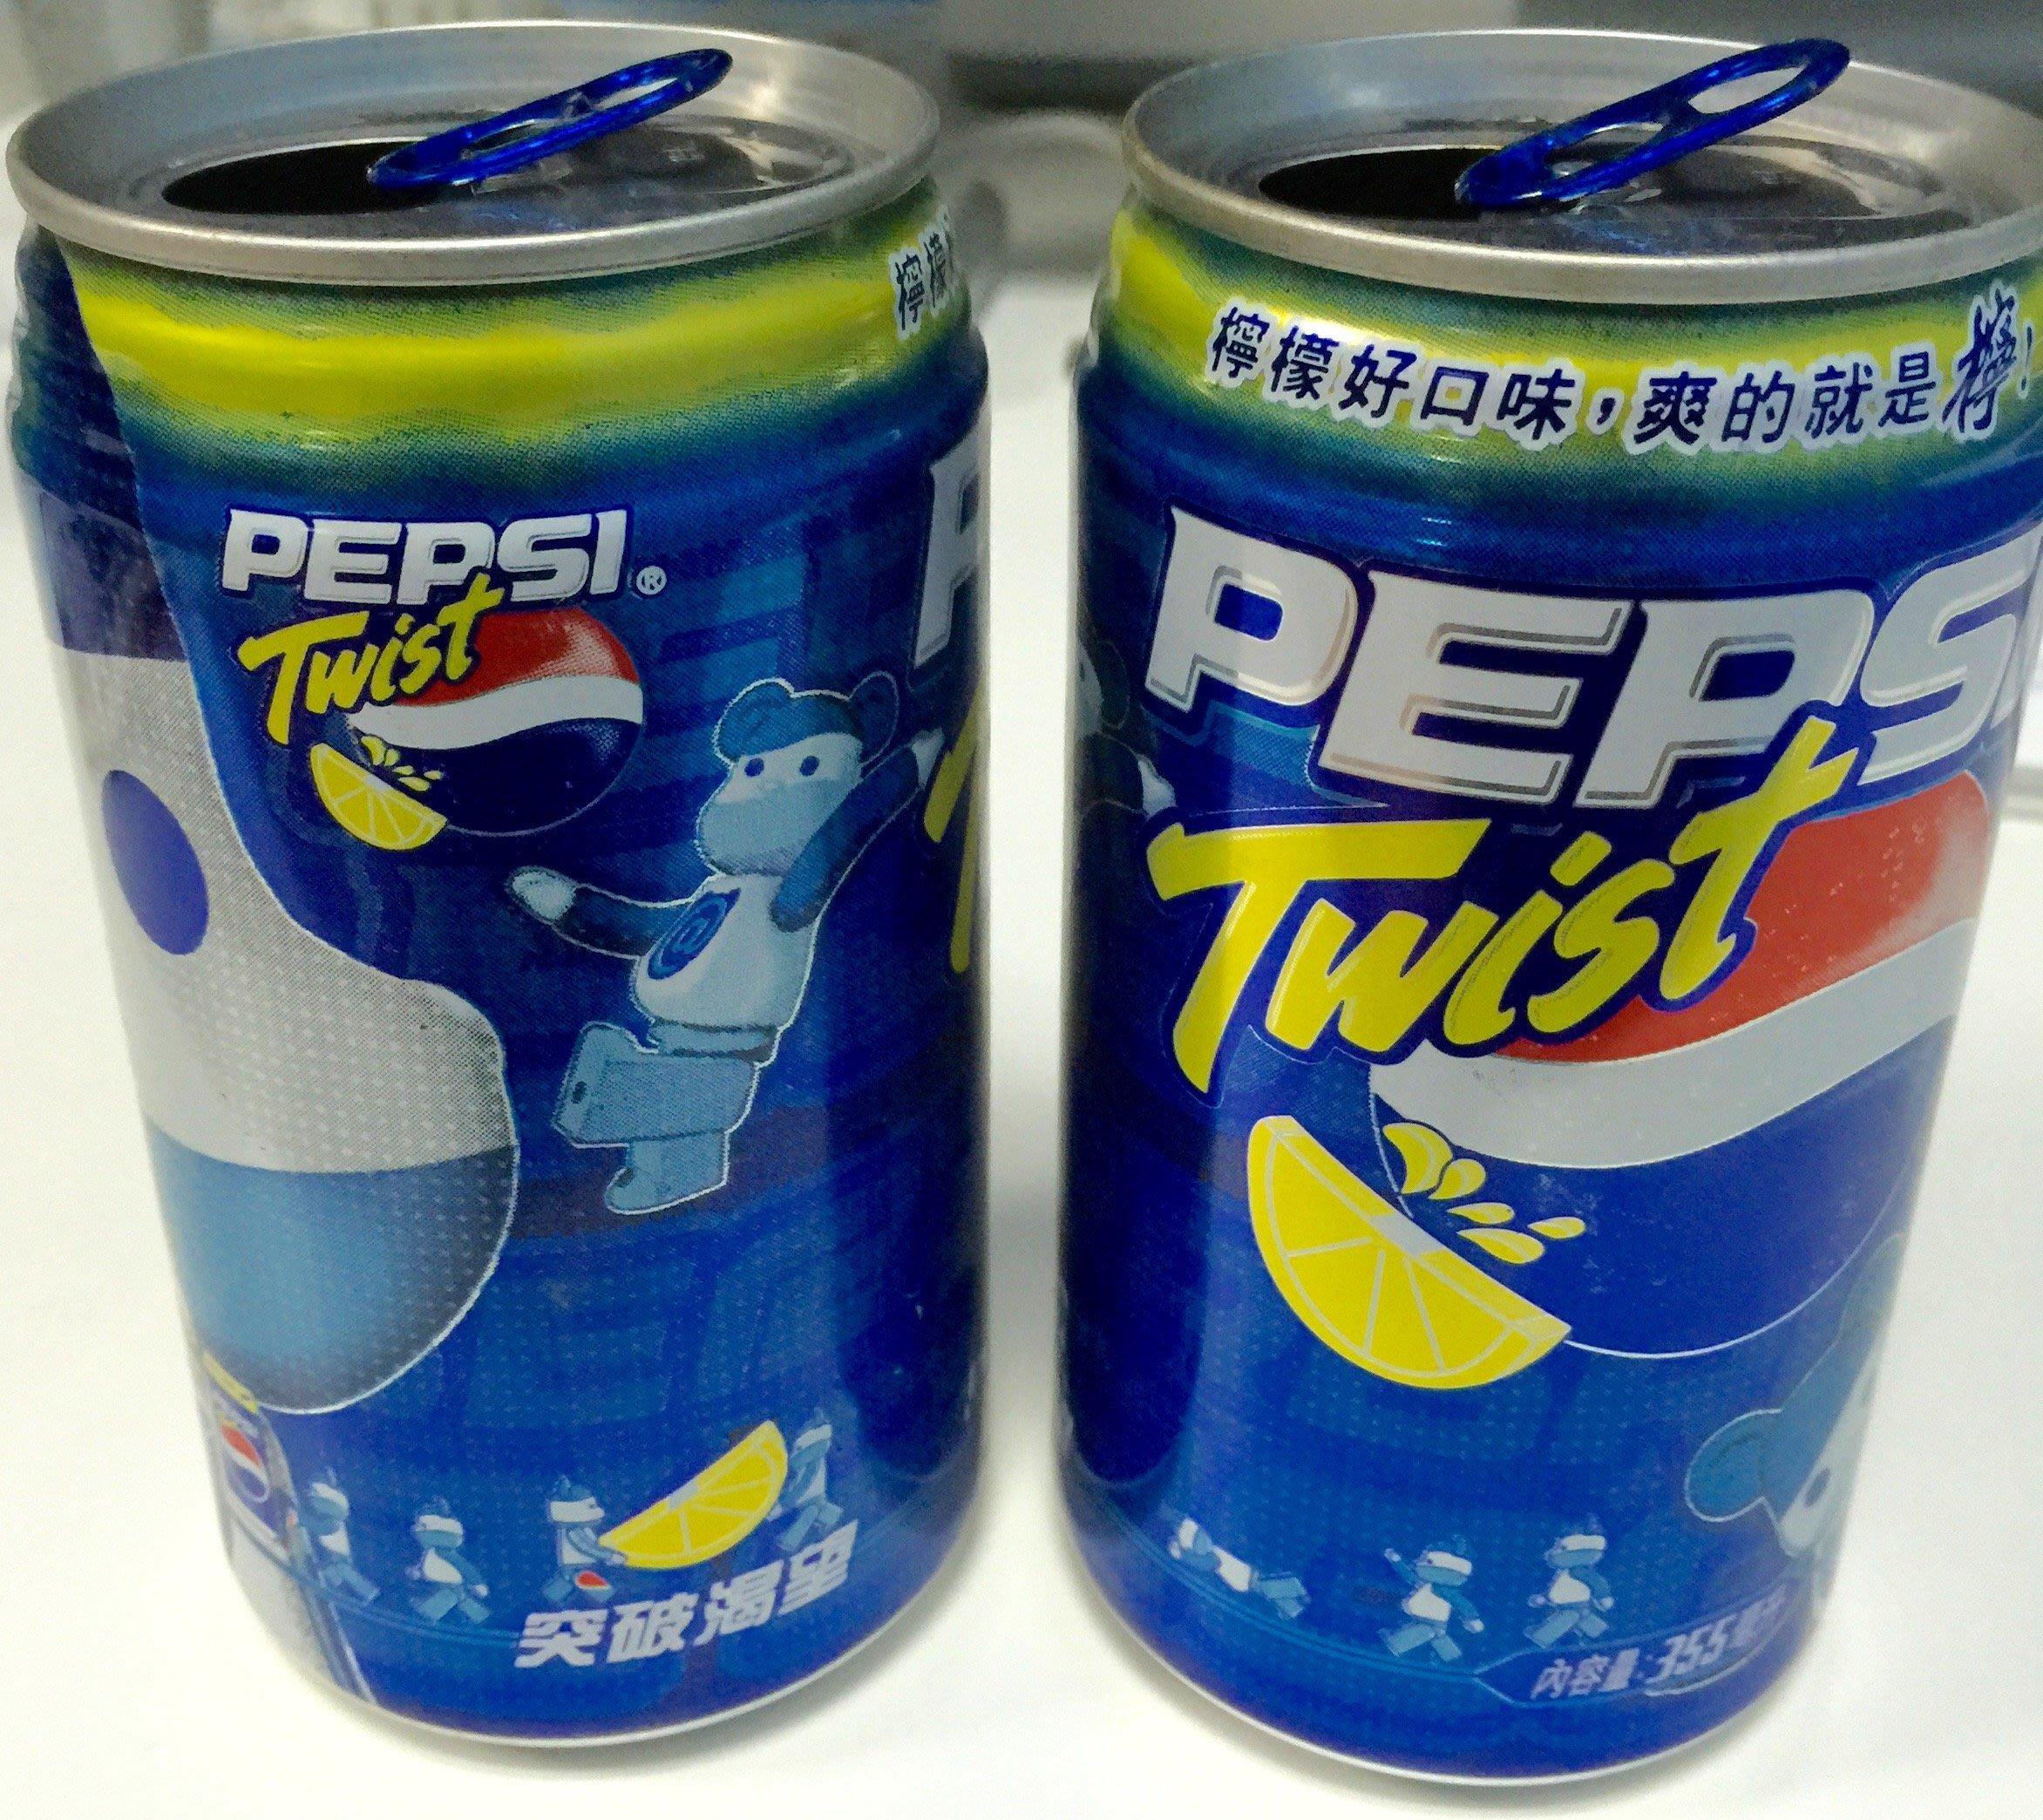 Pepsi 百事可樂 Medi com Toy BE@RBRICK  紀念罐 2罐